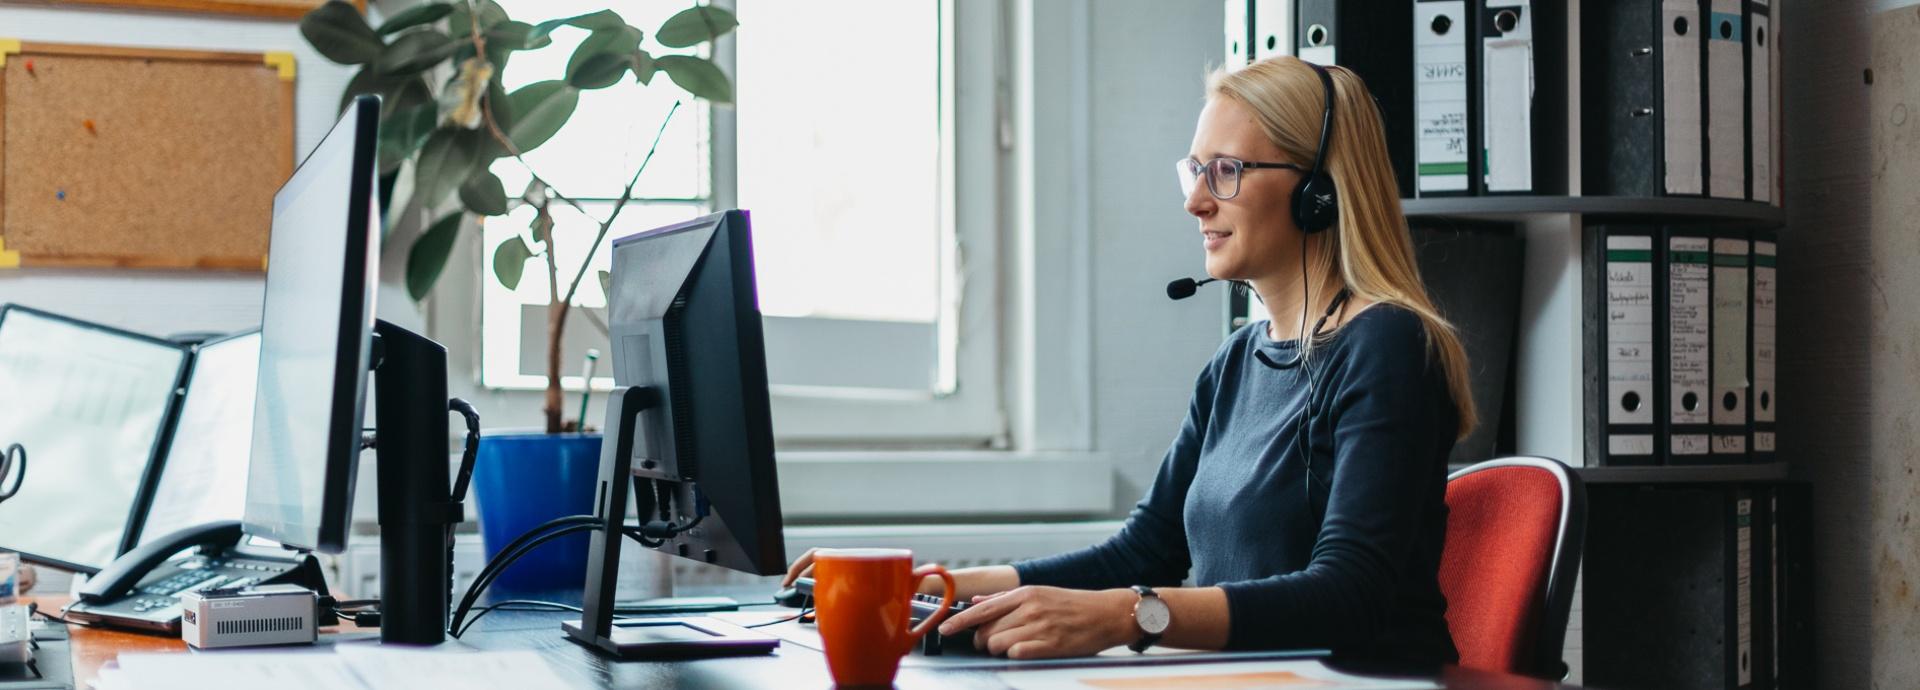 Interpreting Agency Vienna  | Interpreting Services Vienna